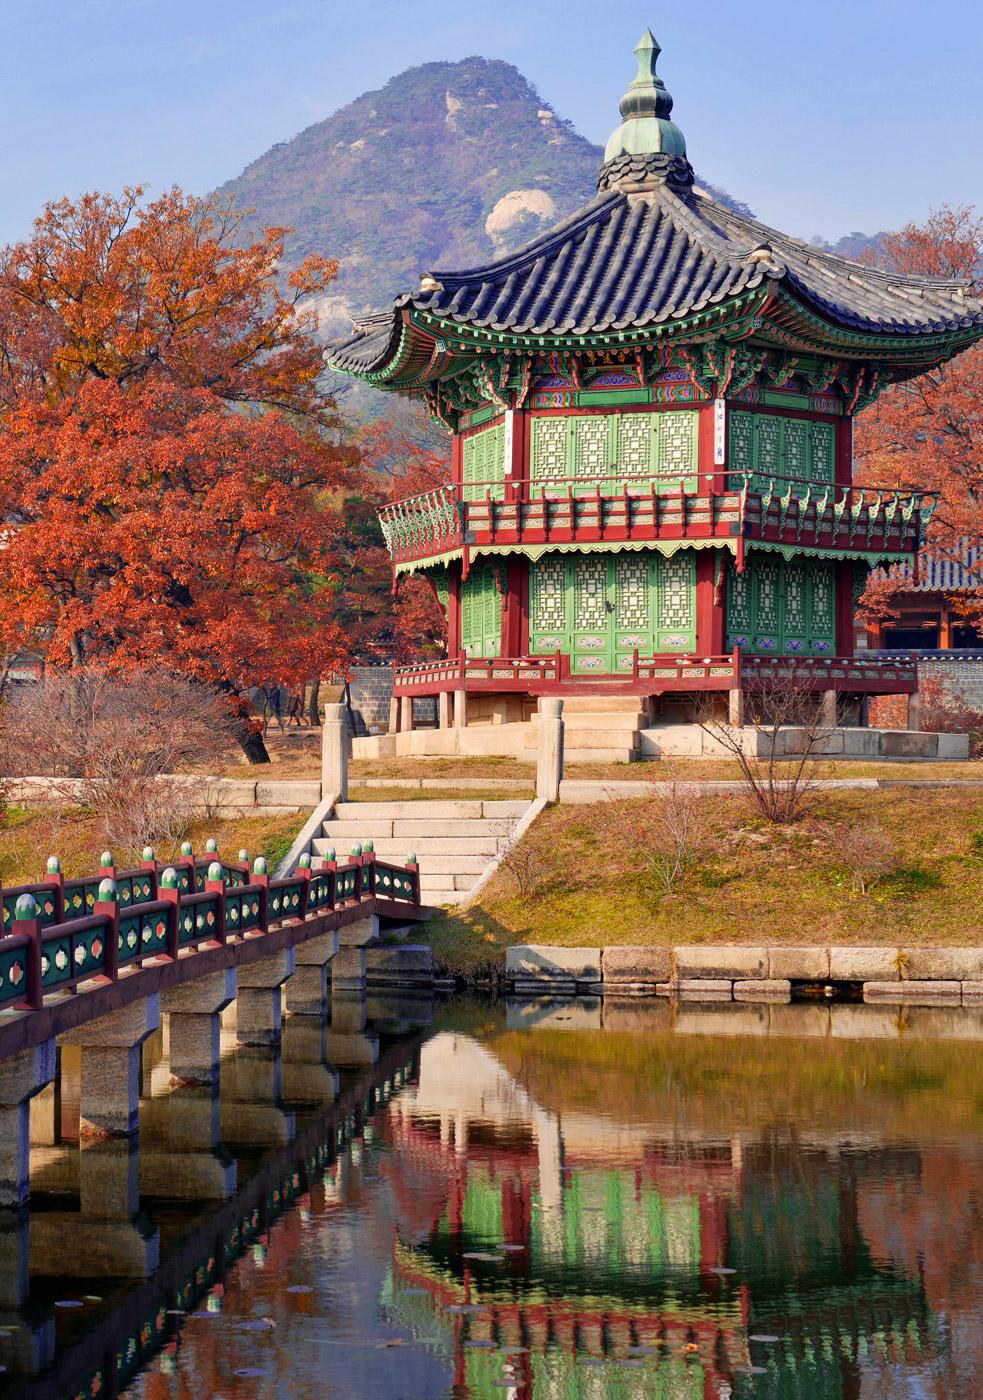 Kang-Ho Chapitre : l'Histoire du Taekwondo